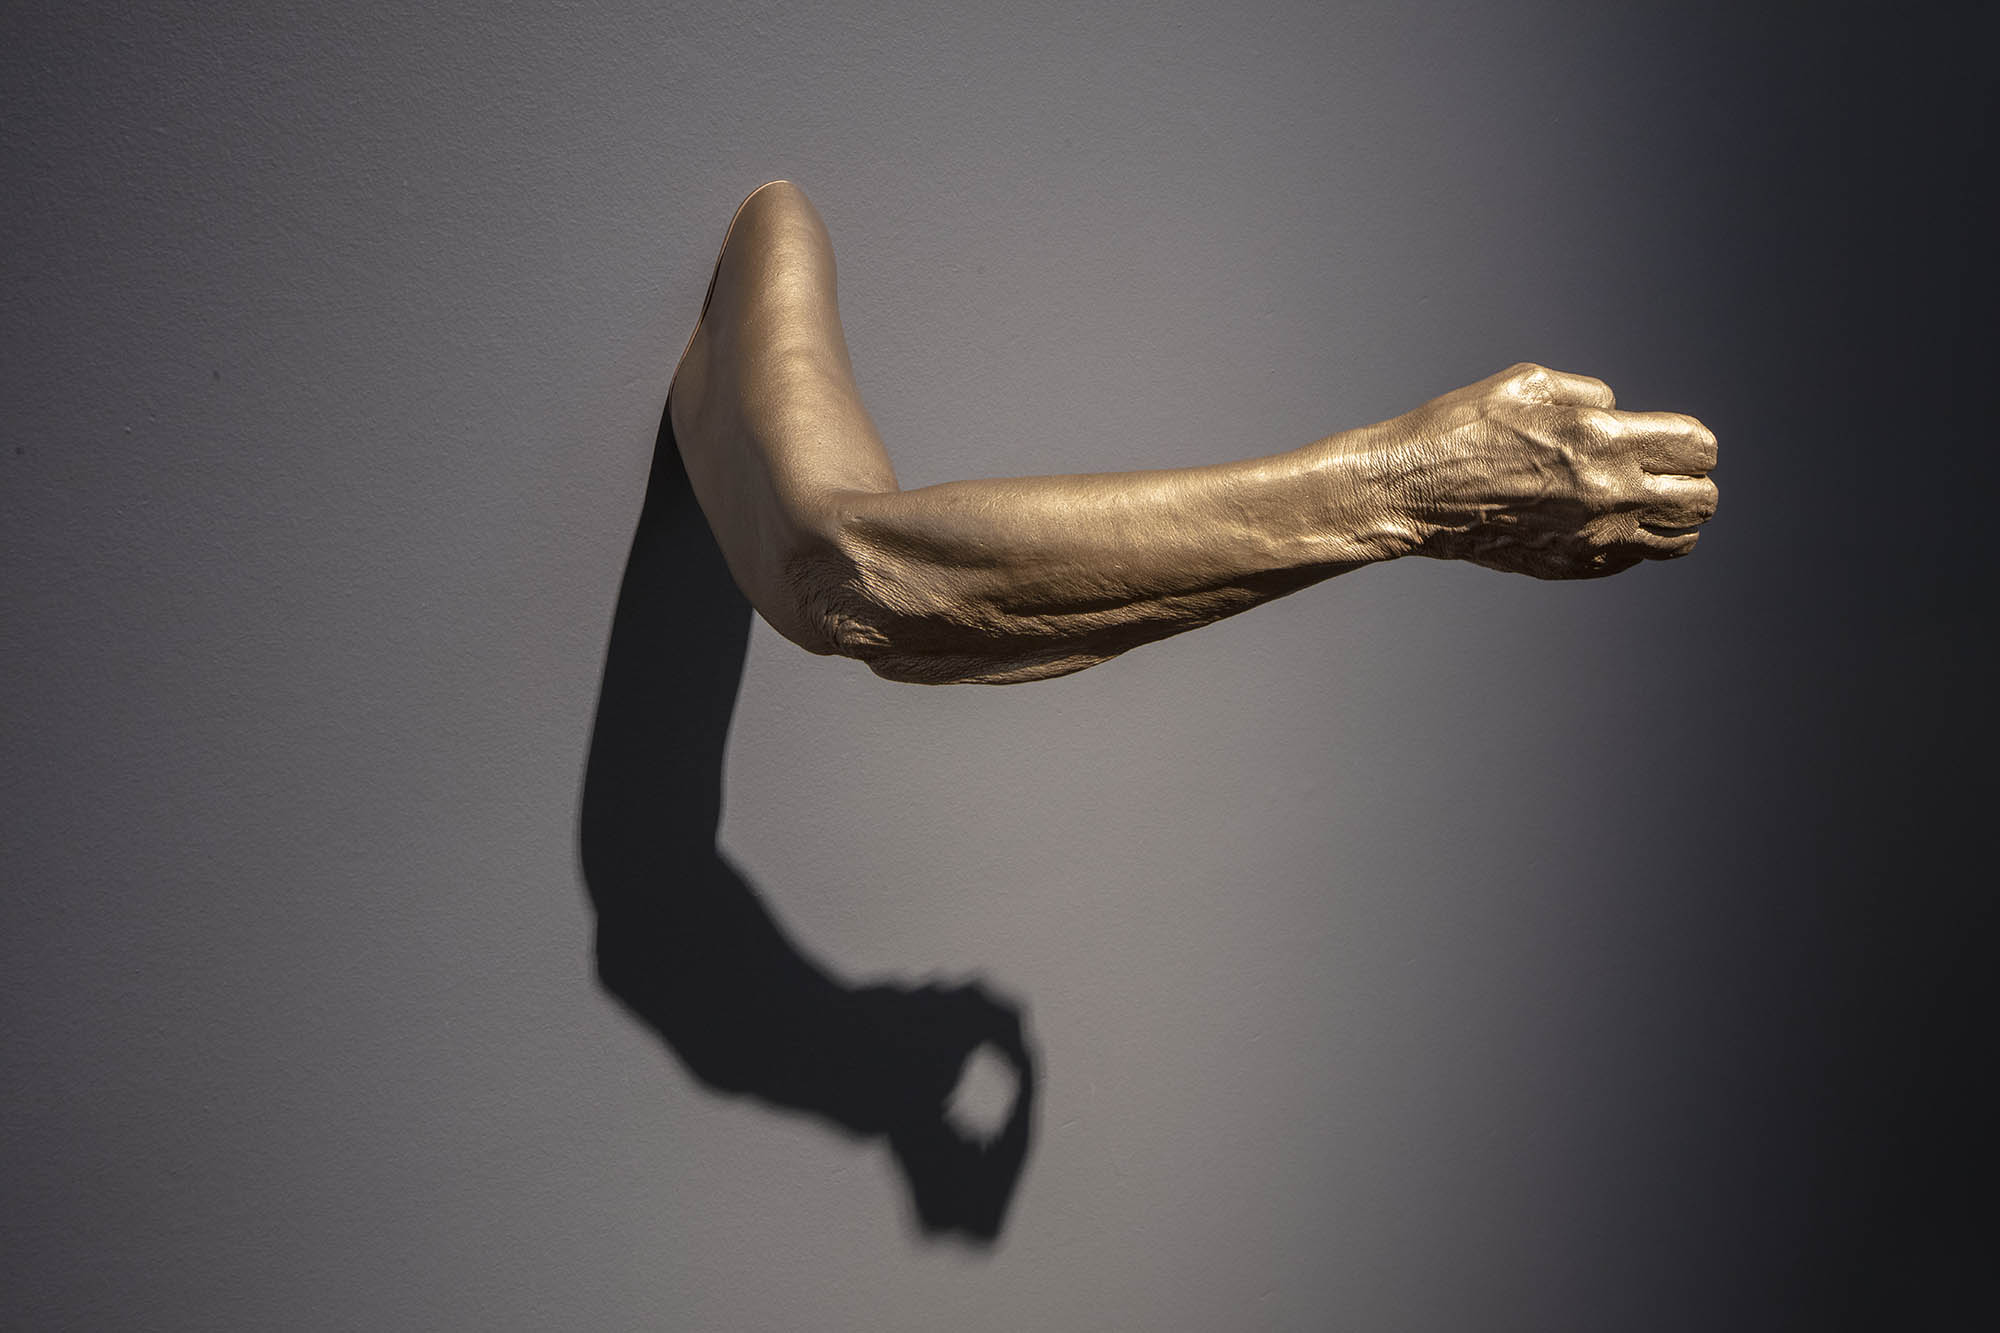 """JULIE RRAP """"At Arm's Length"""" Grip, 2019 Bronze, edition of 3 10 x 28 cm x 53 cm Photograph by John Gollings"""